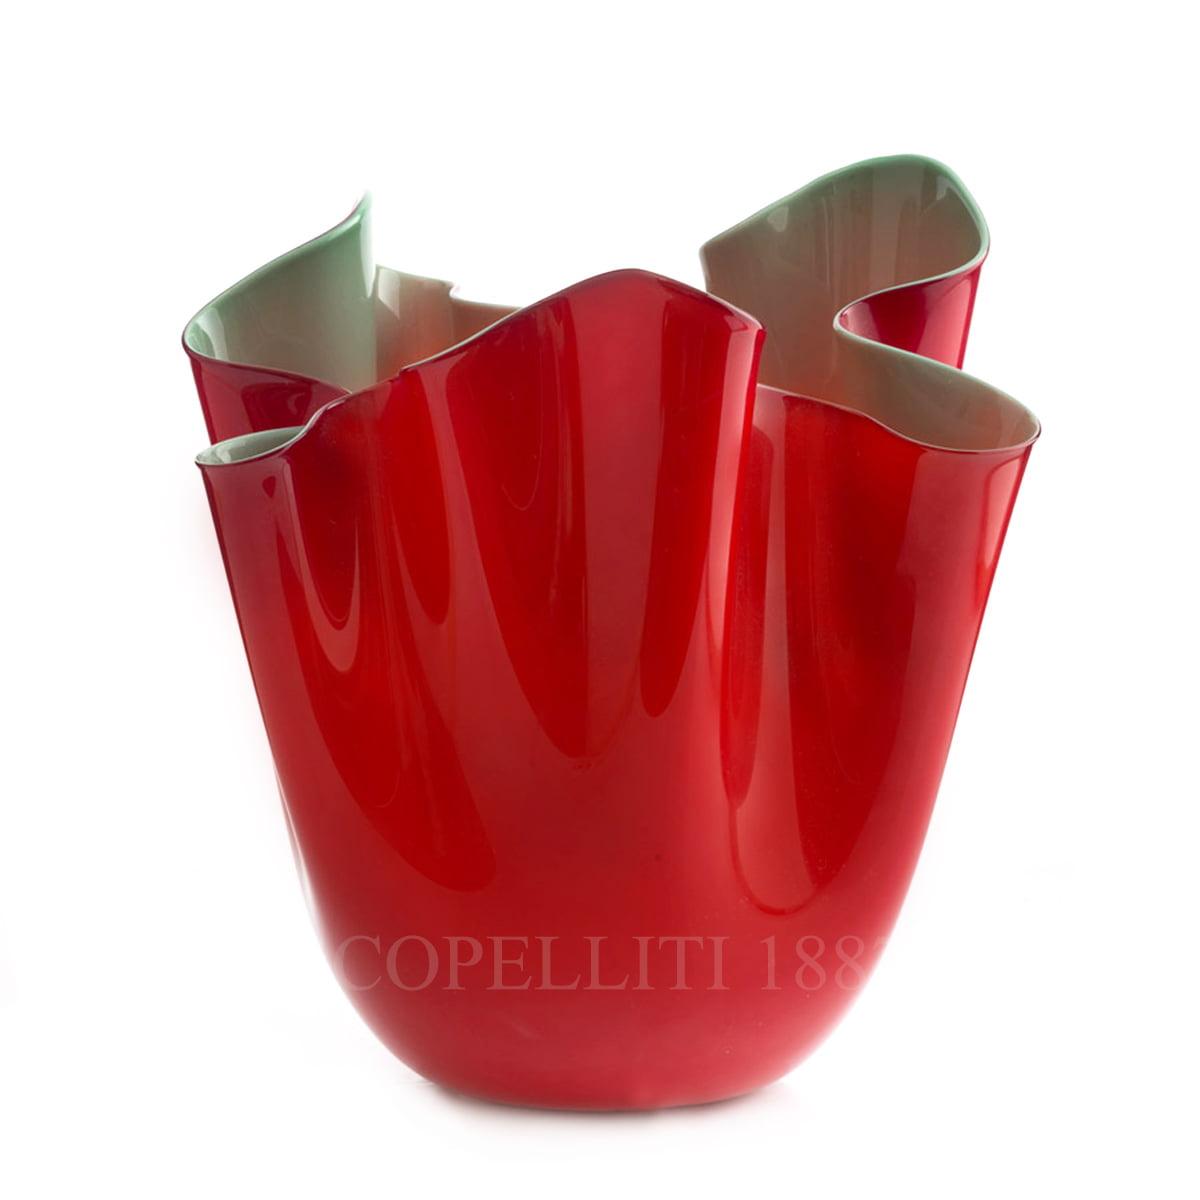 fazzoletto venini murano glass vase red green